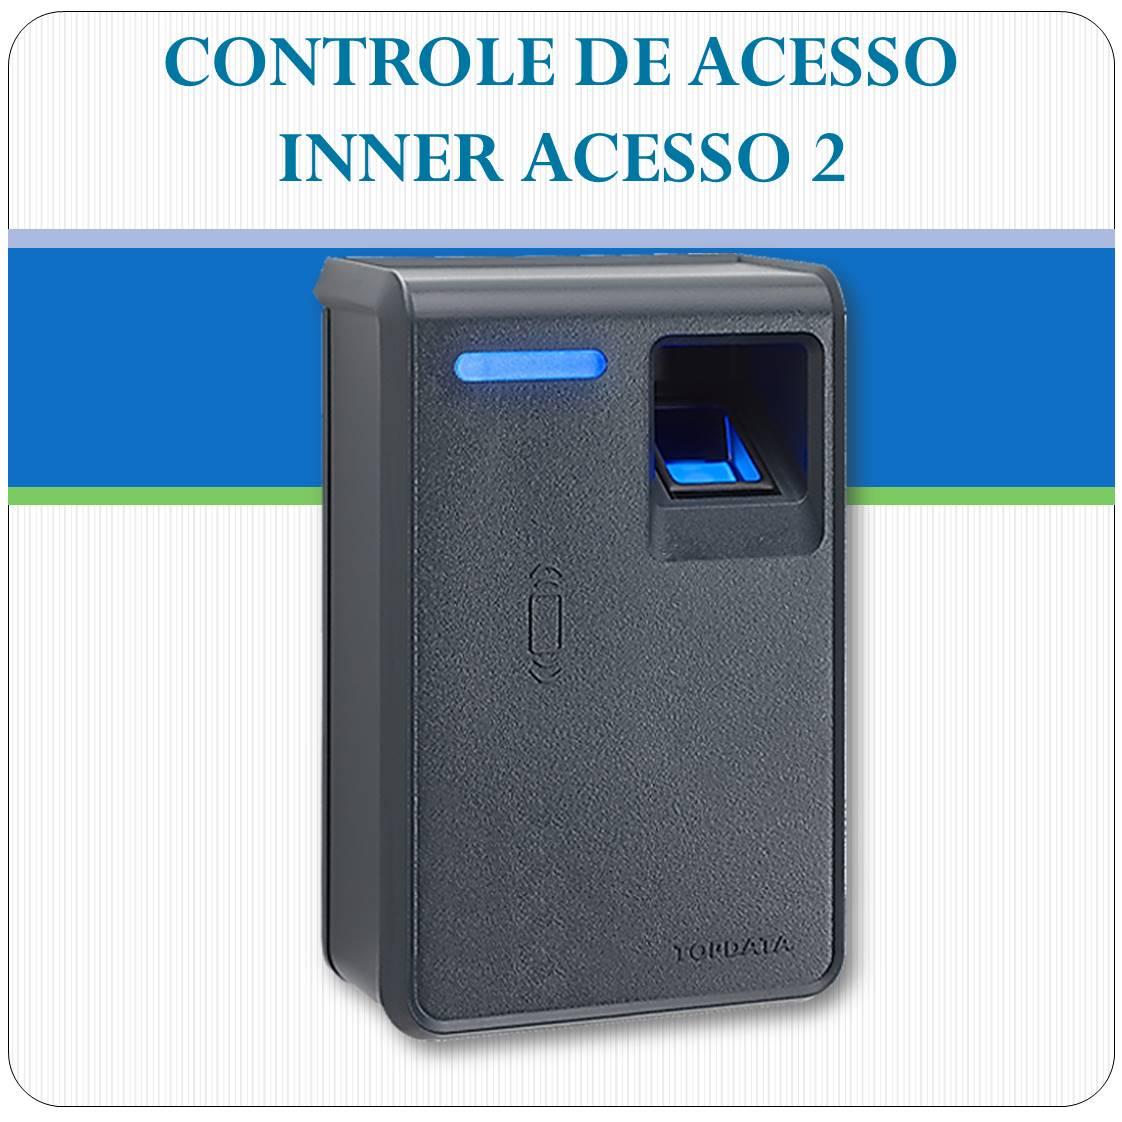 Controle de Acesso - Inner Acesso 2